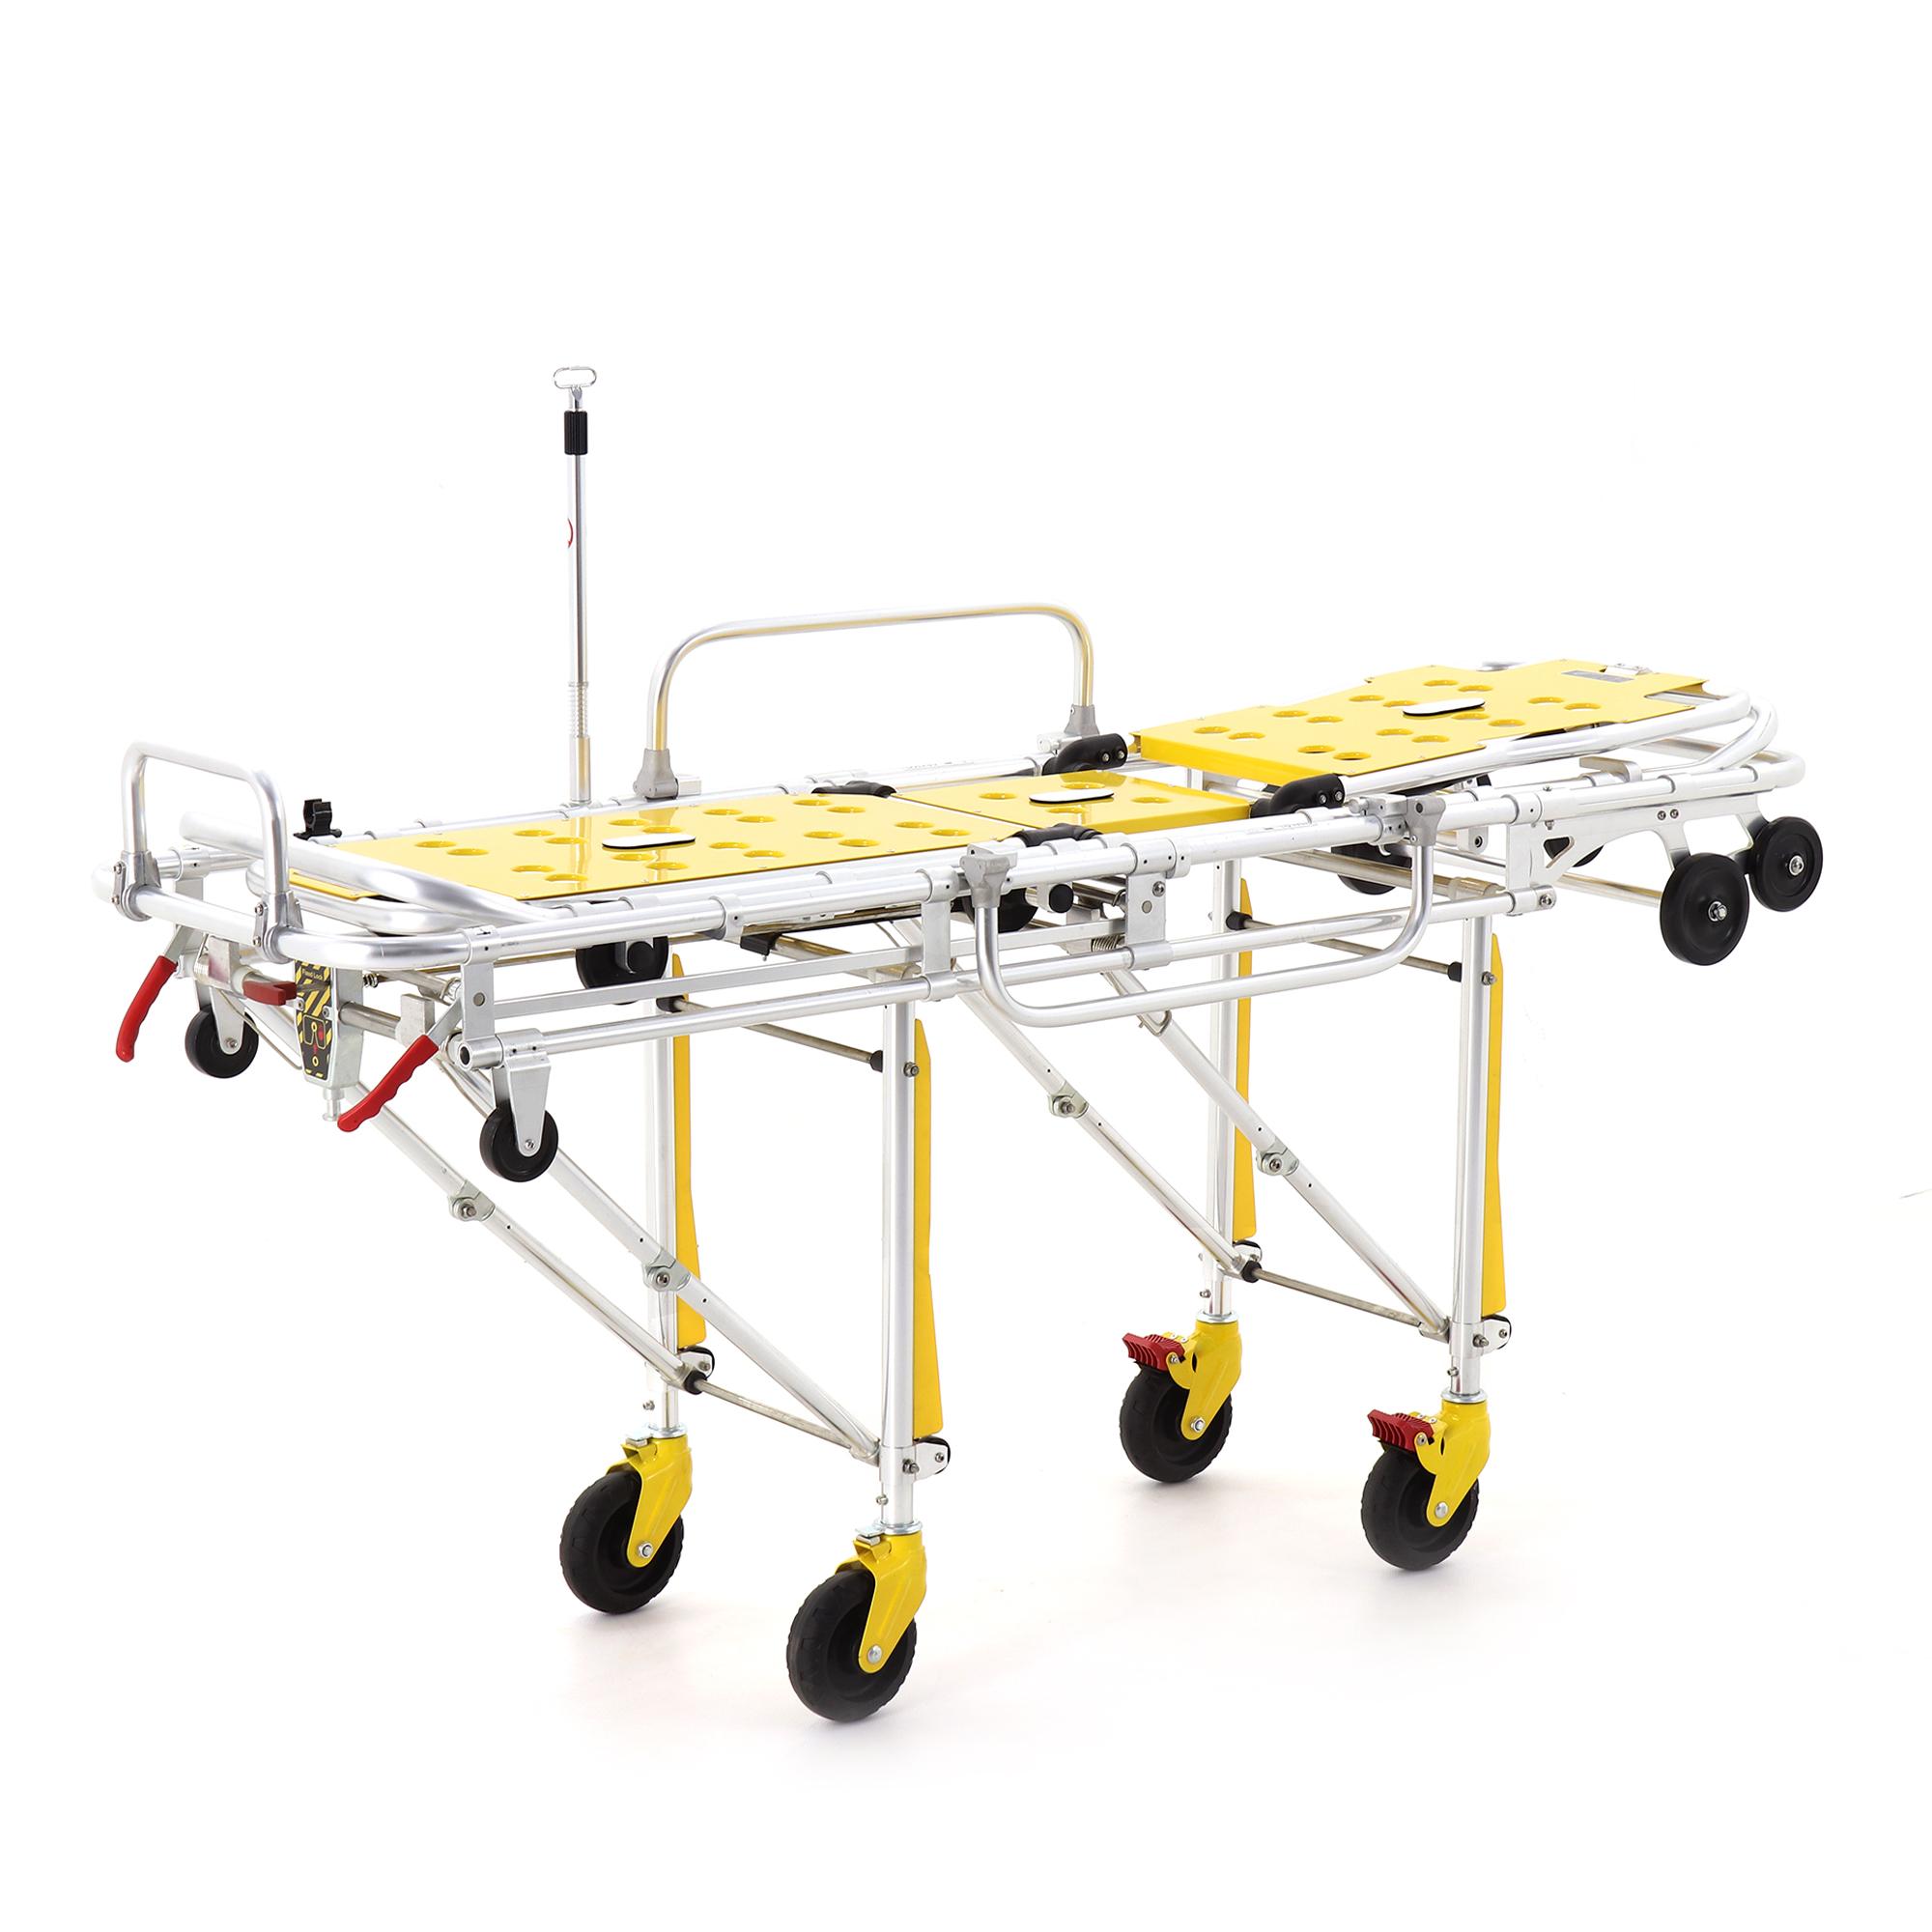 Каталка для автомобилей скорой медицинской помощи Med-Mos YDC-3A со съемными носилками